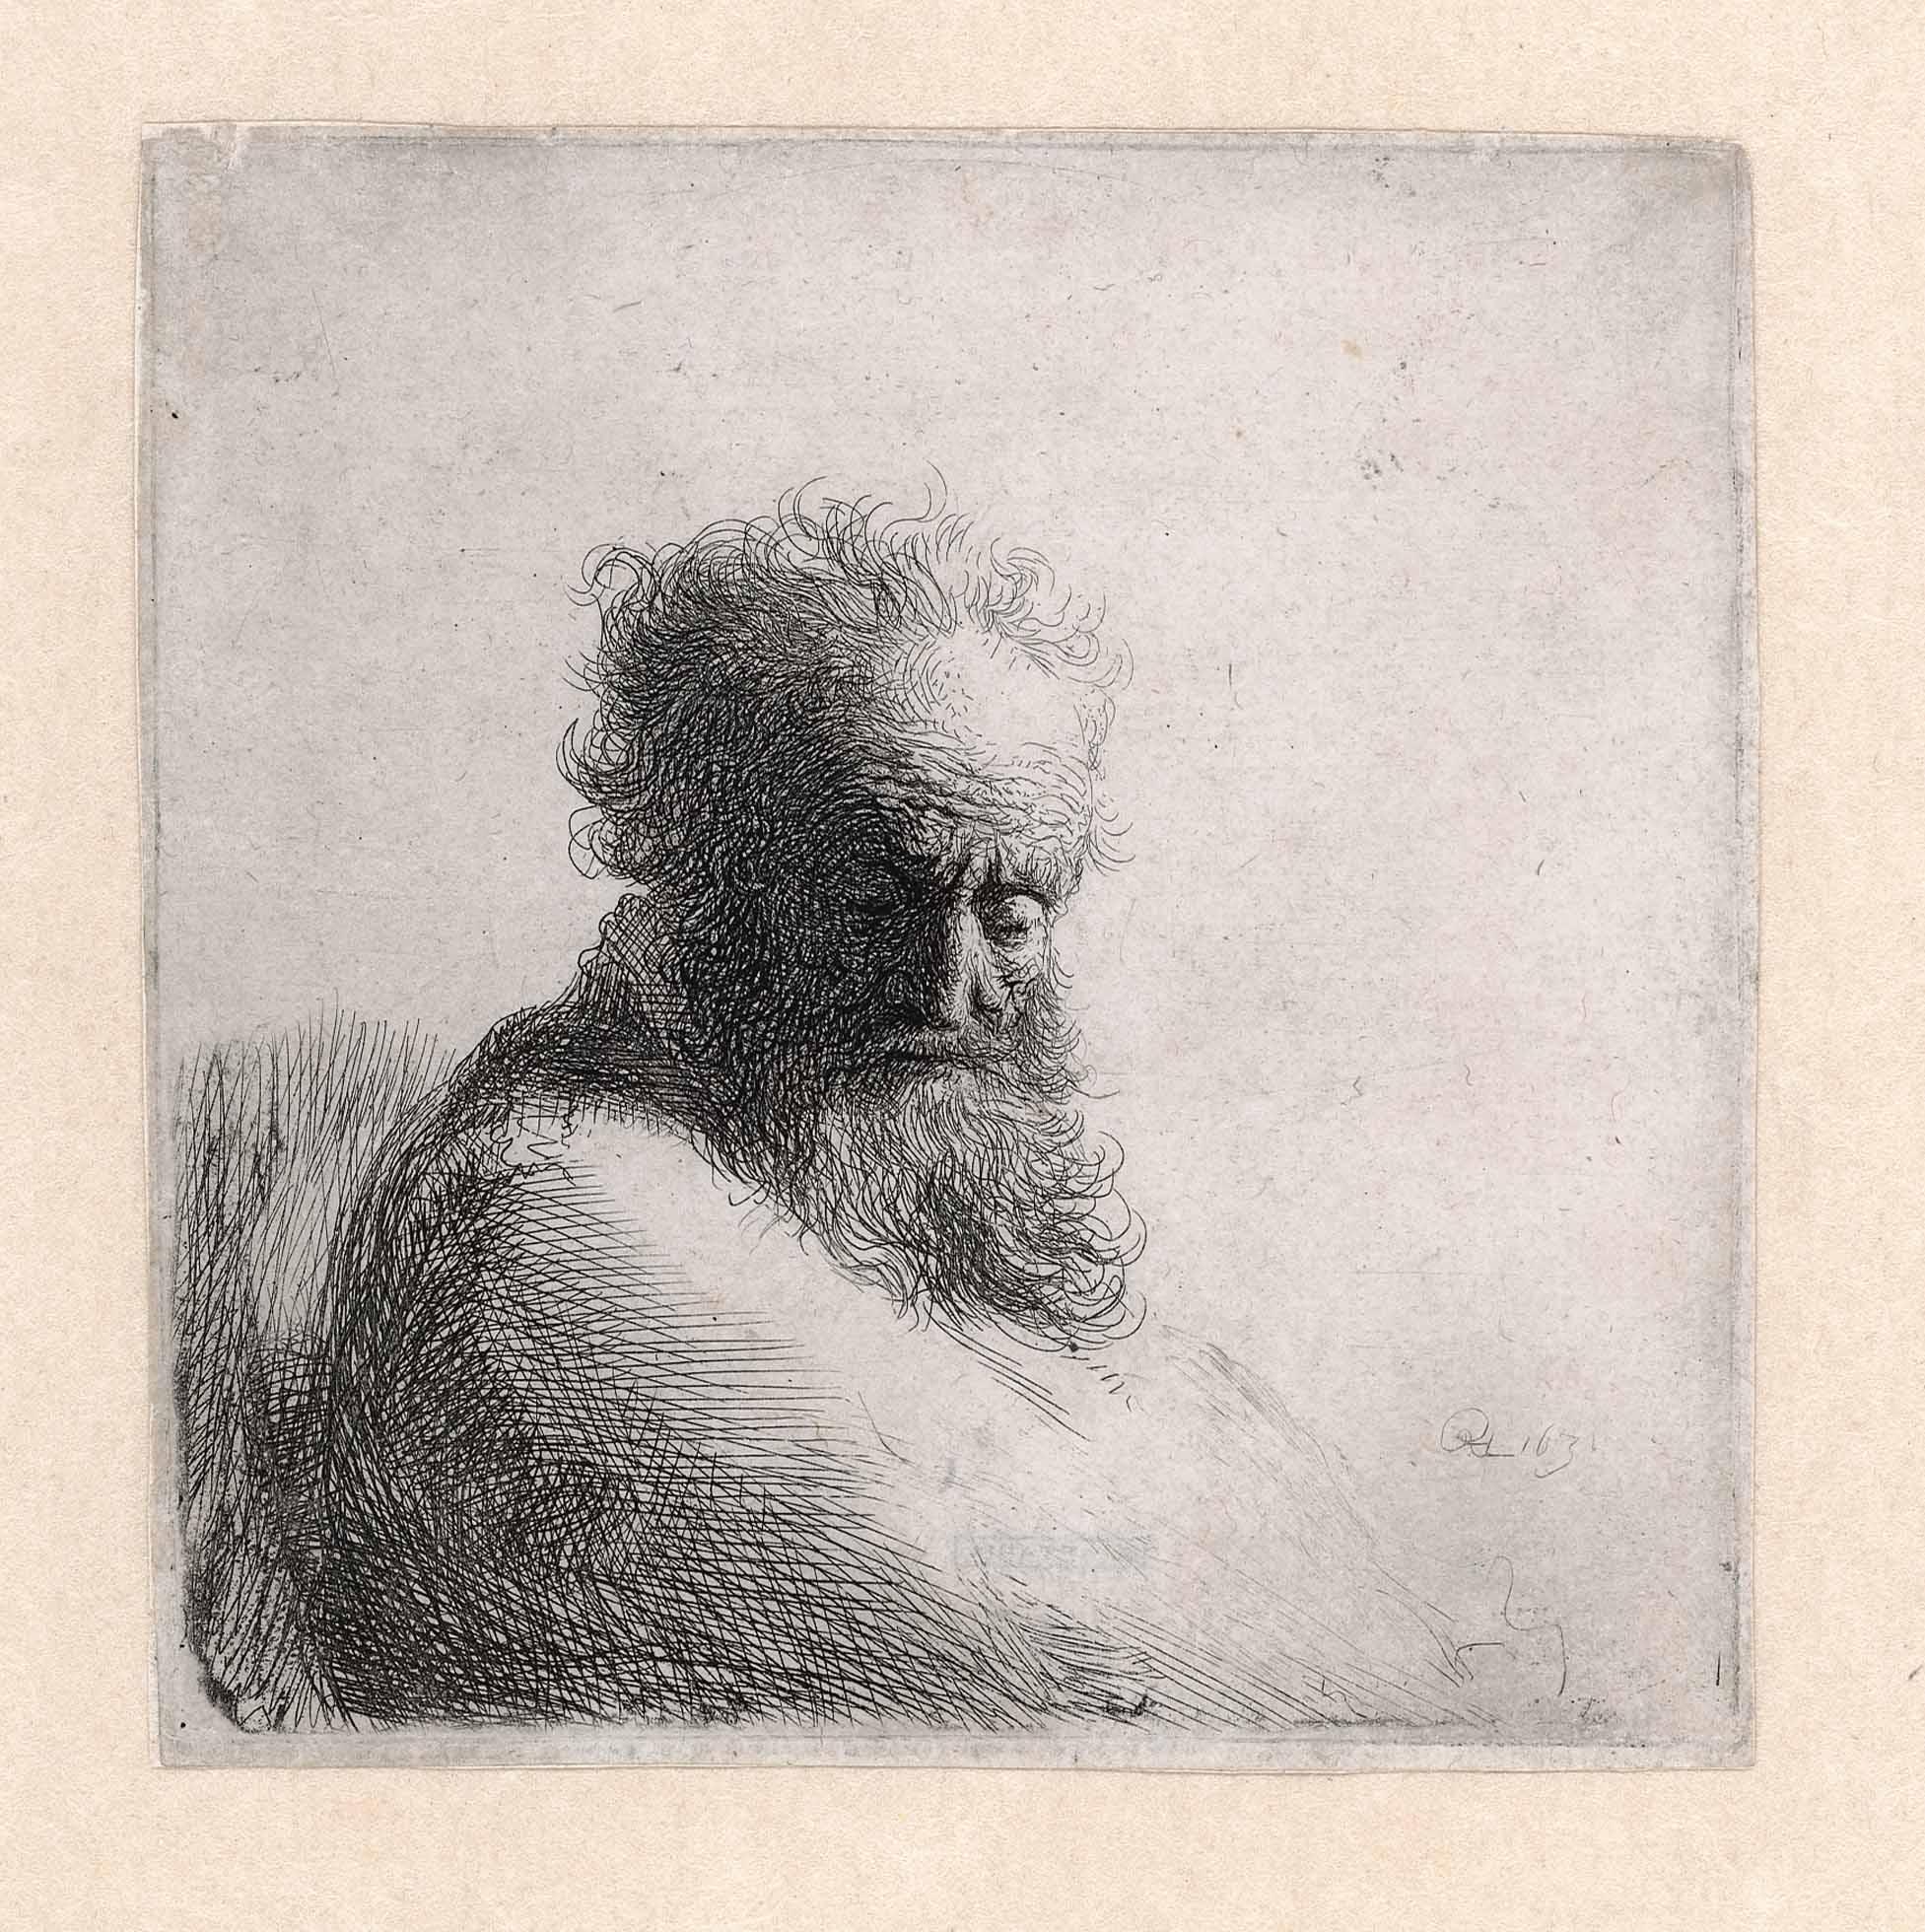 Rembrandt, Oude man, naar beneden kijkend, 1631. Ets, staat II (3), Museum Het Rembrandthuis, Amsterdam